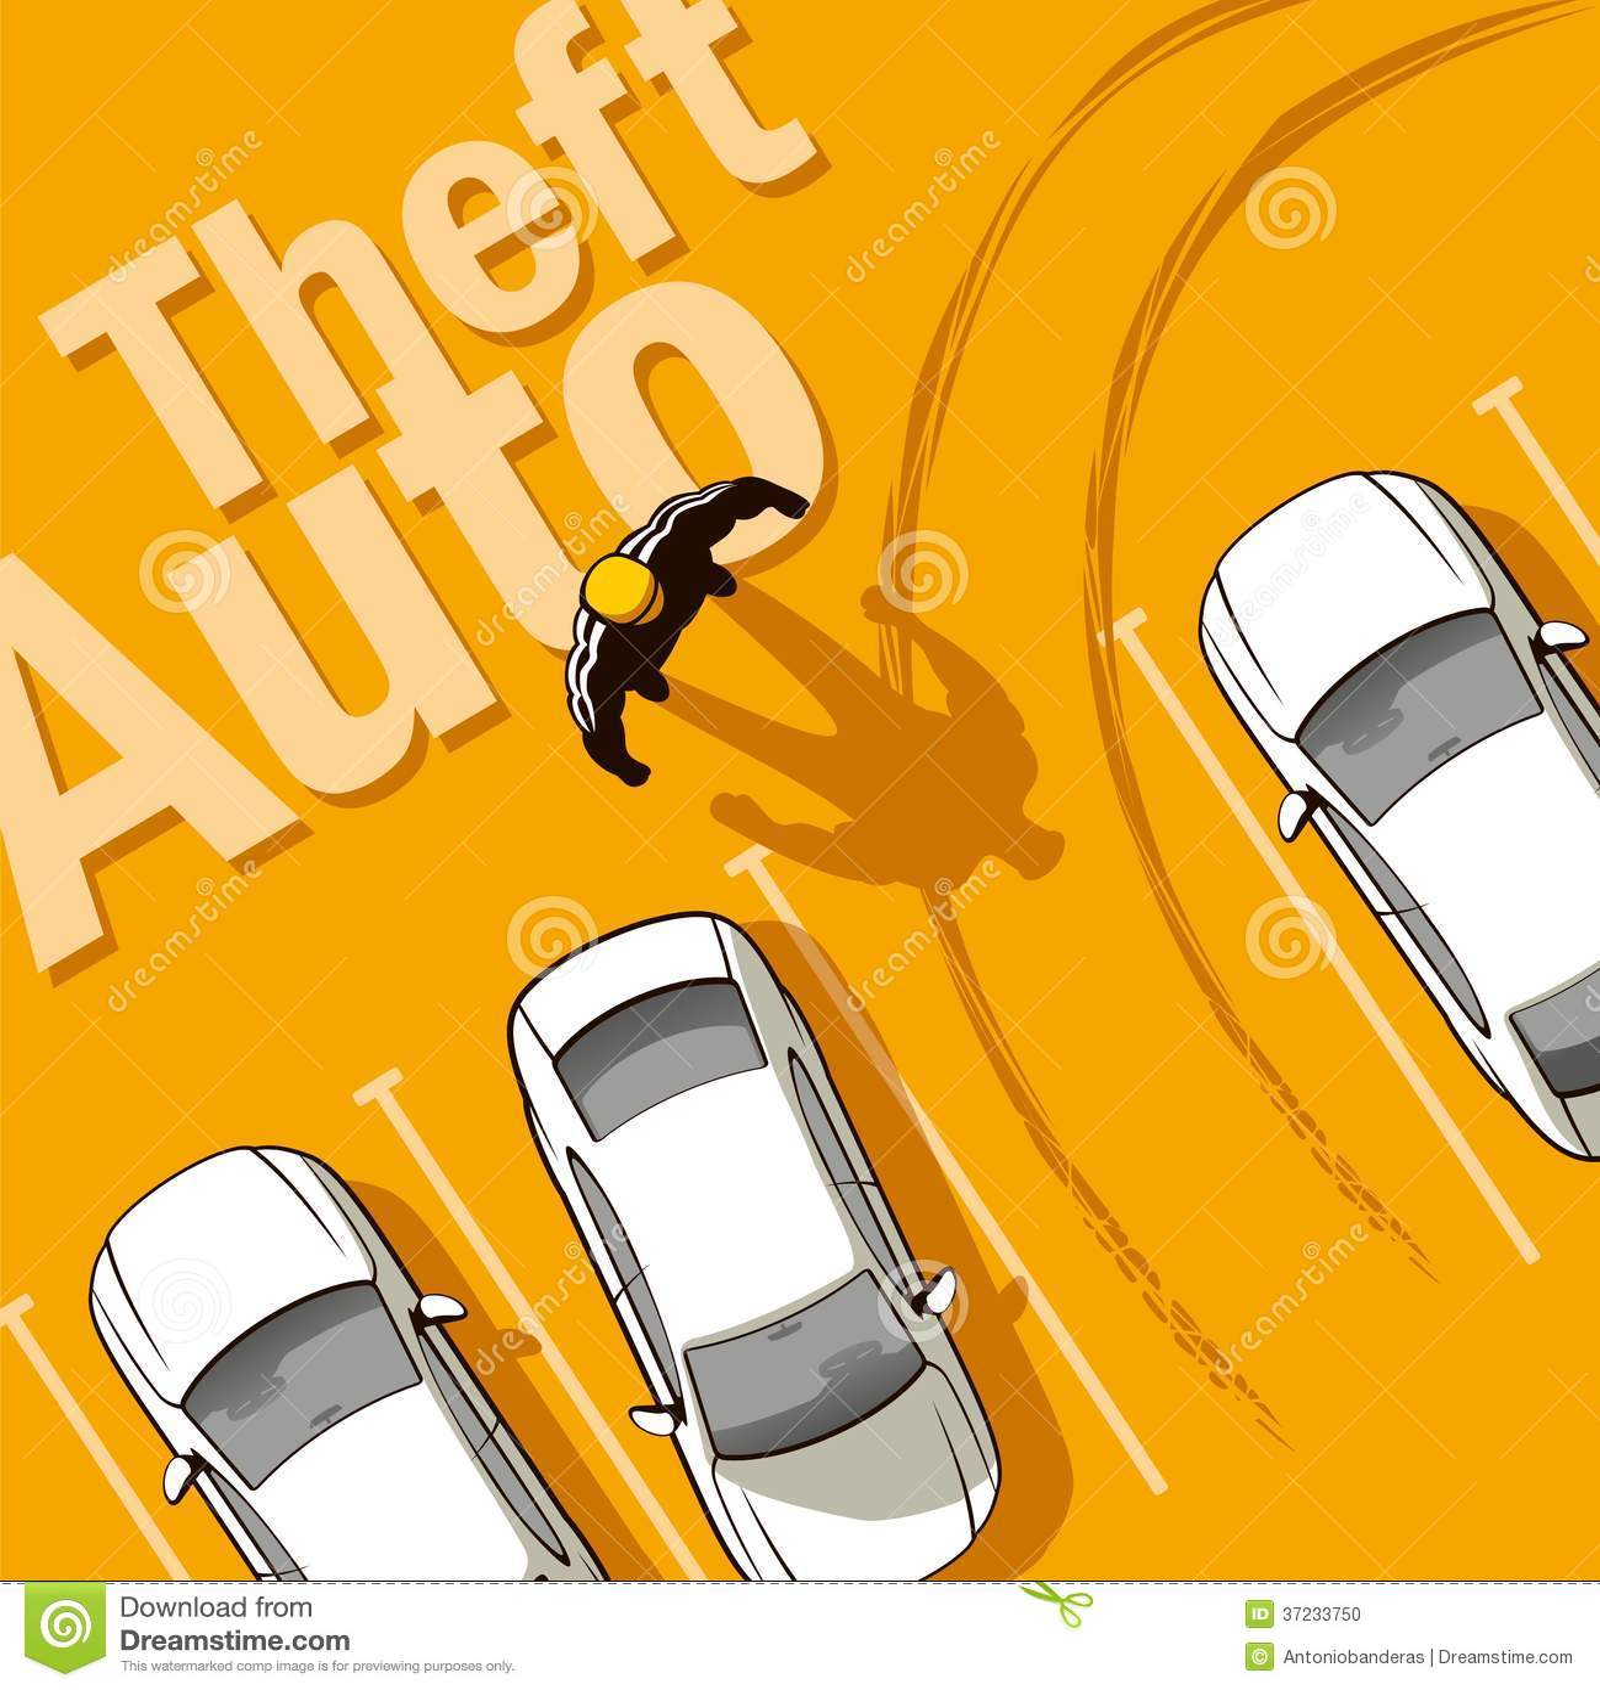 Car Theft Escape Parking: Theft Auto Stock Photo